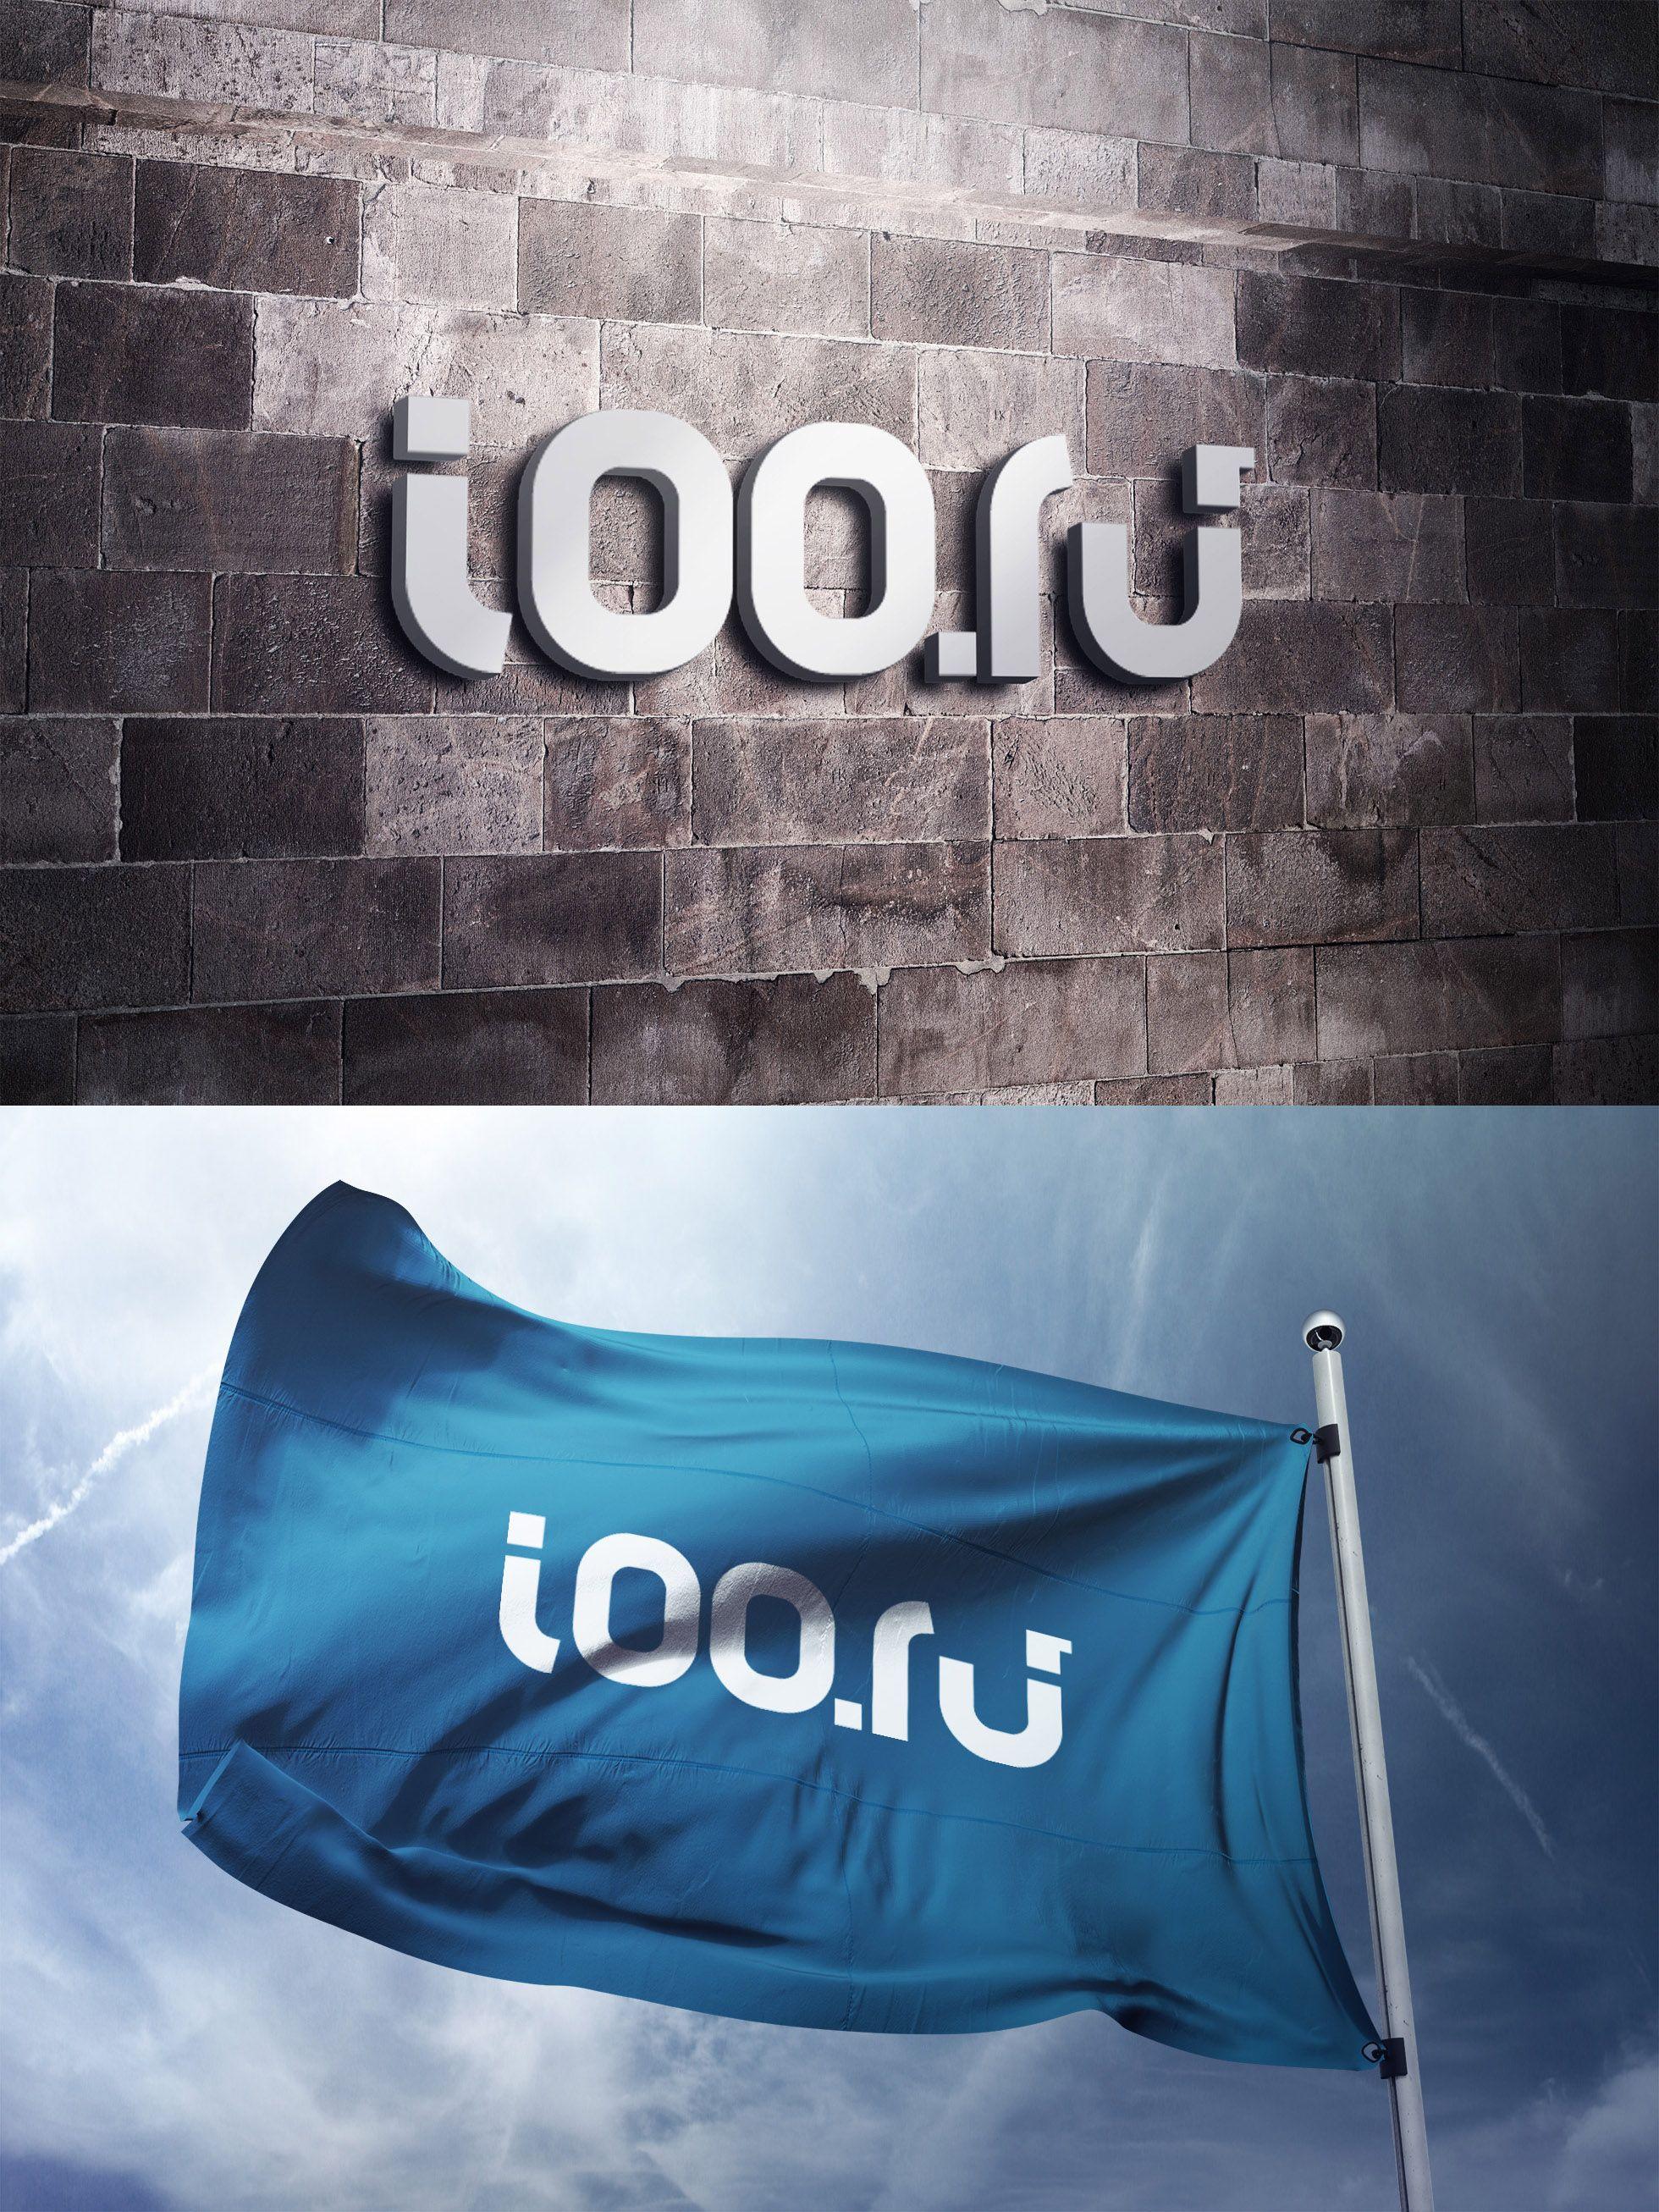 Логотип для Логотип для ioo.ru (мебель, товары для дома) - дизайнер somuch